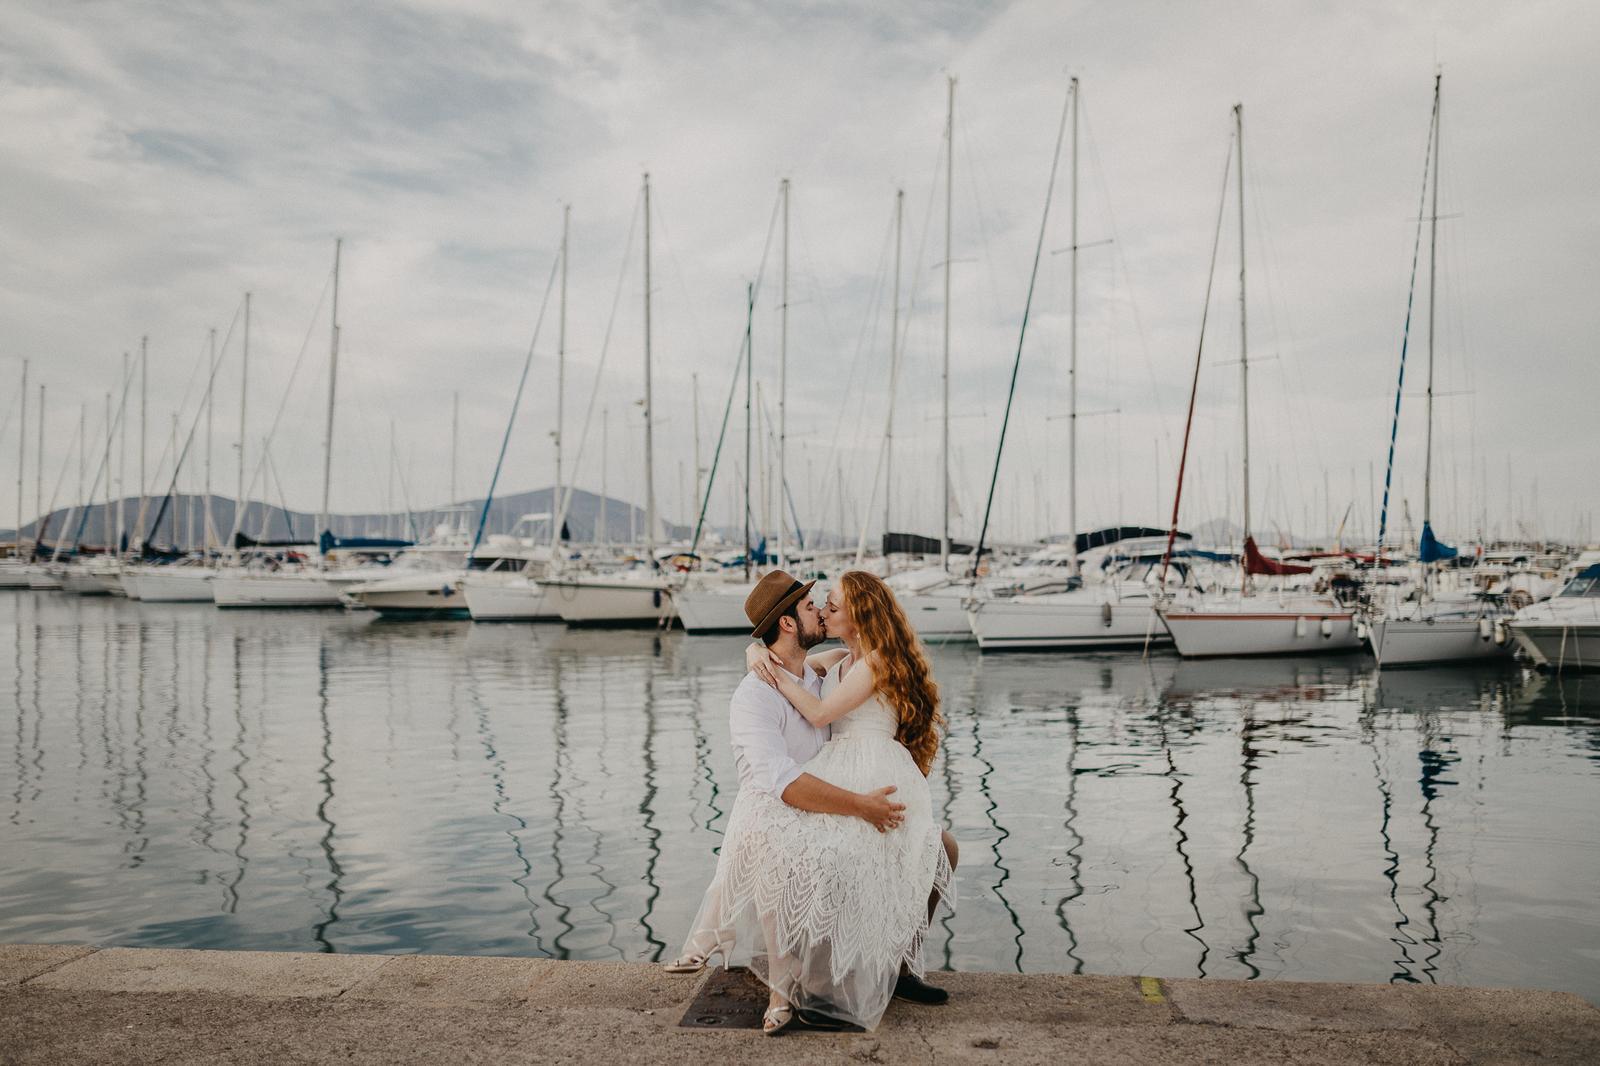 Naše svadobné fotenie na Sardínii - Obrázok č. 23